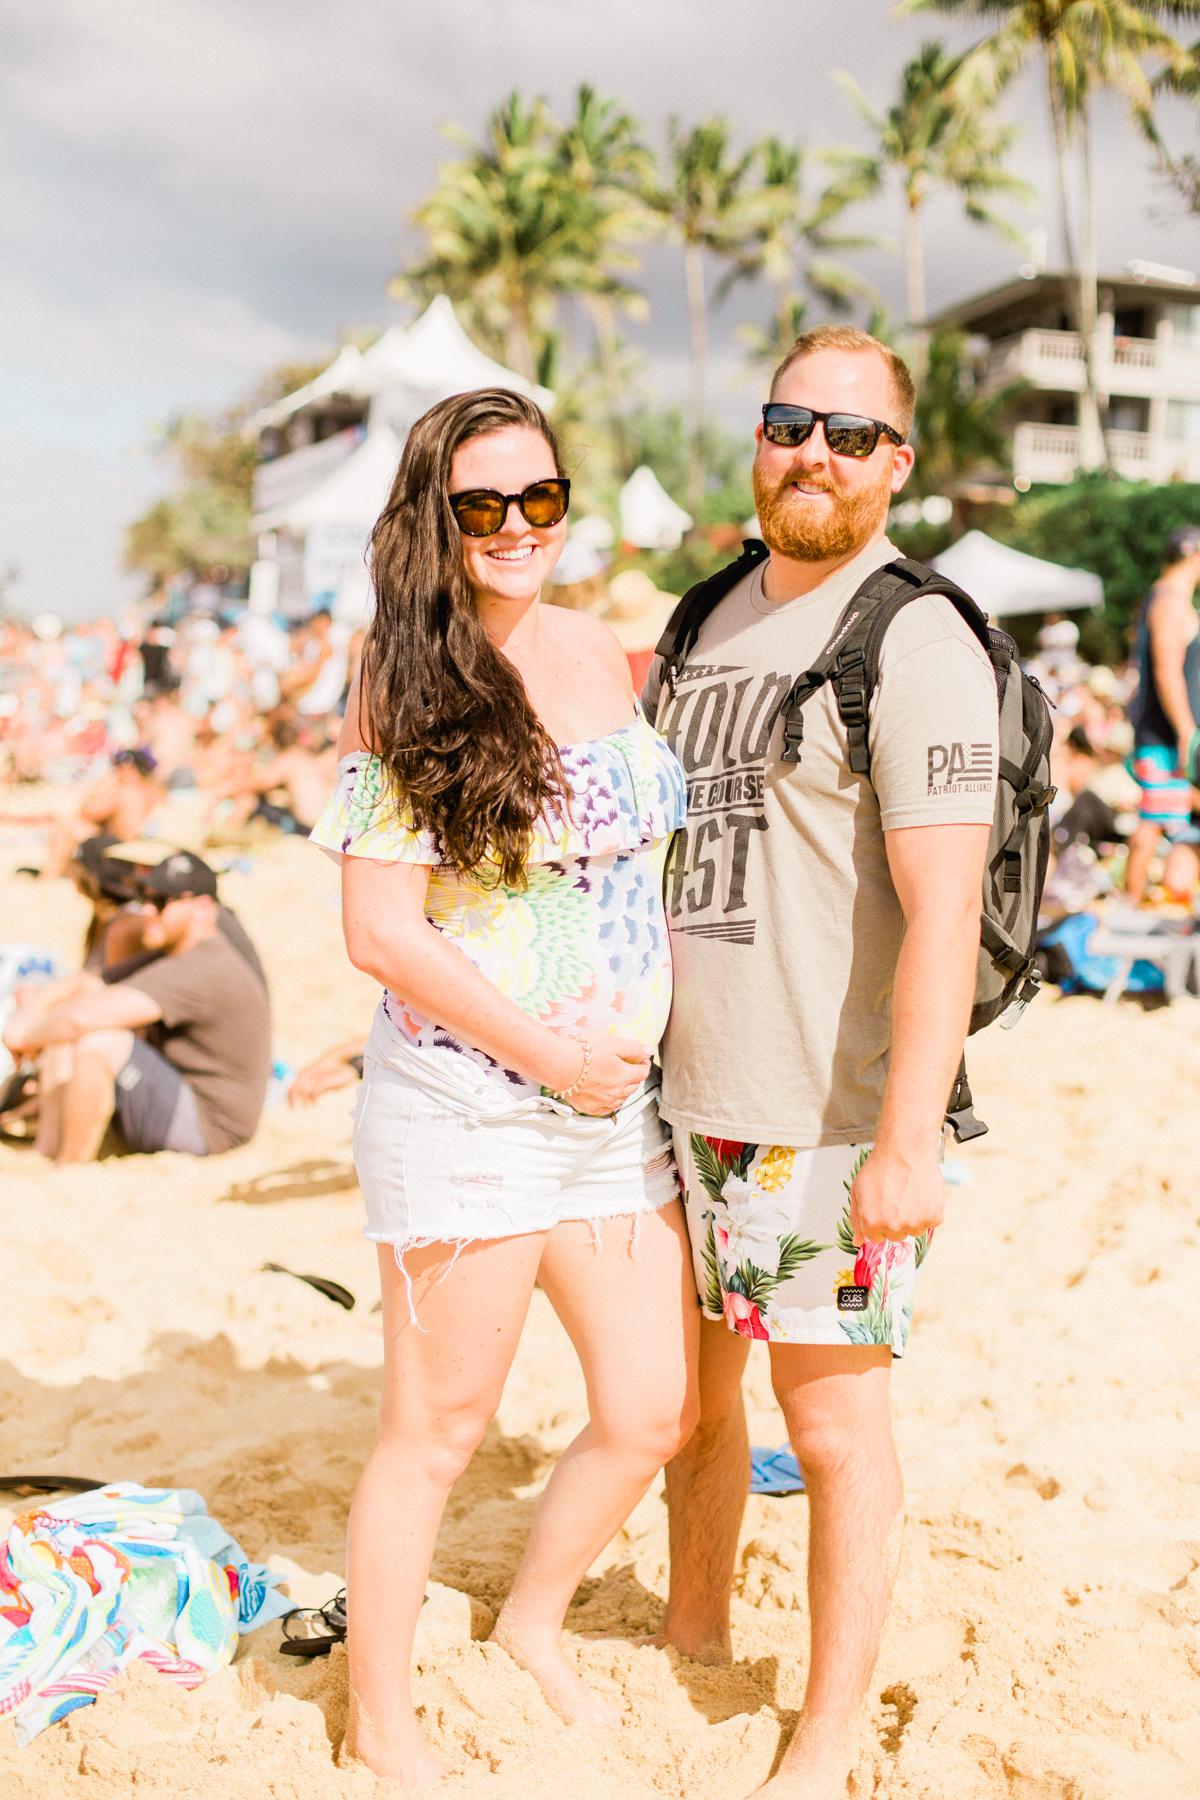 Hawaii-749.jpg